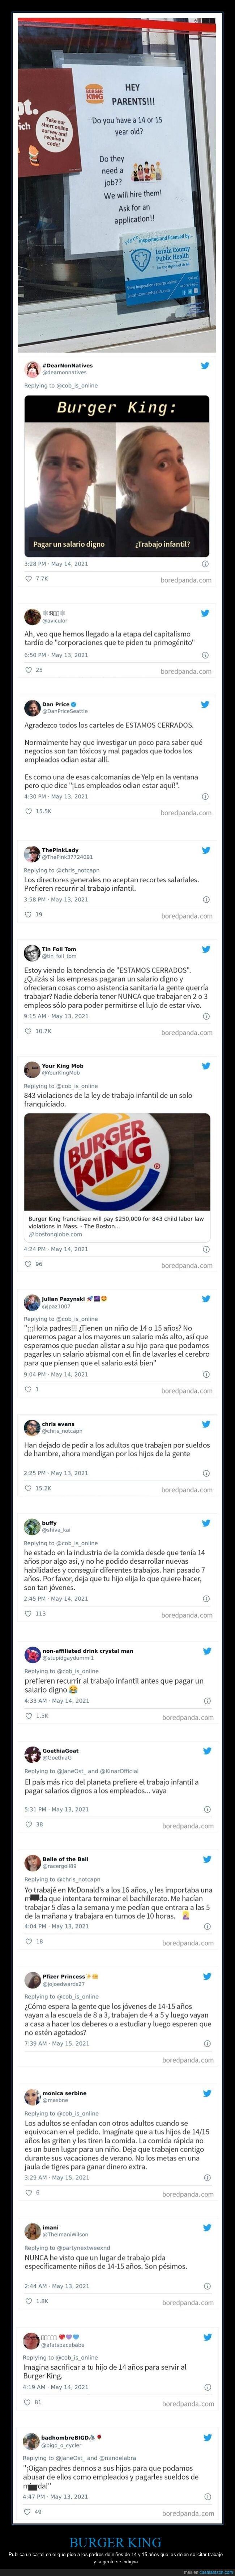 burger king,edad,trabajo